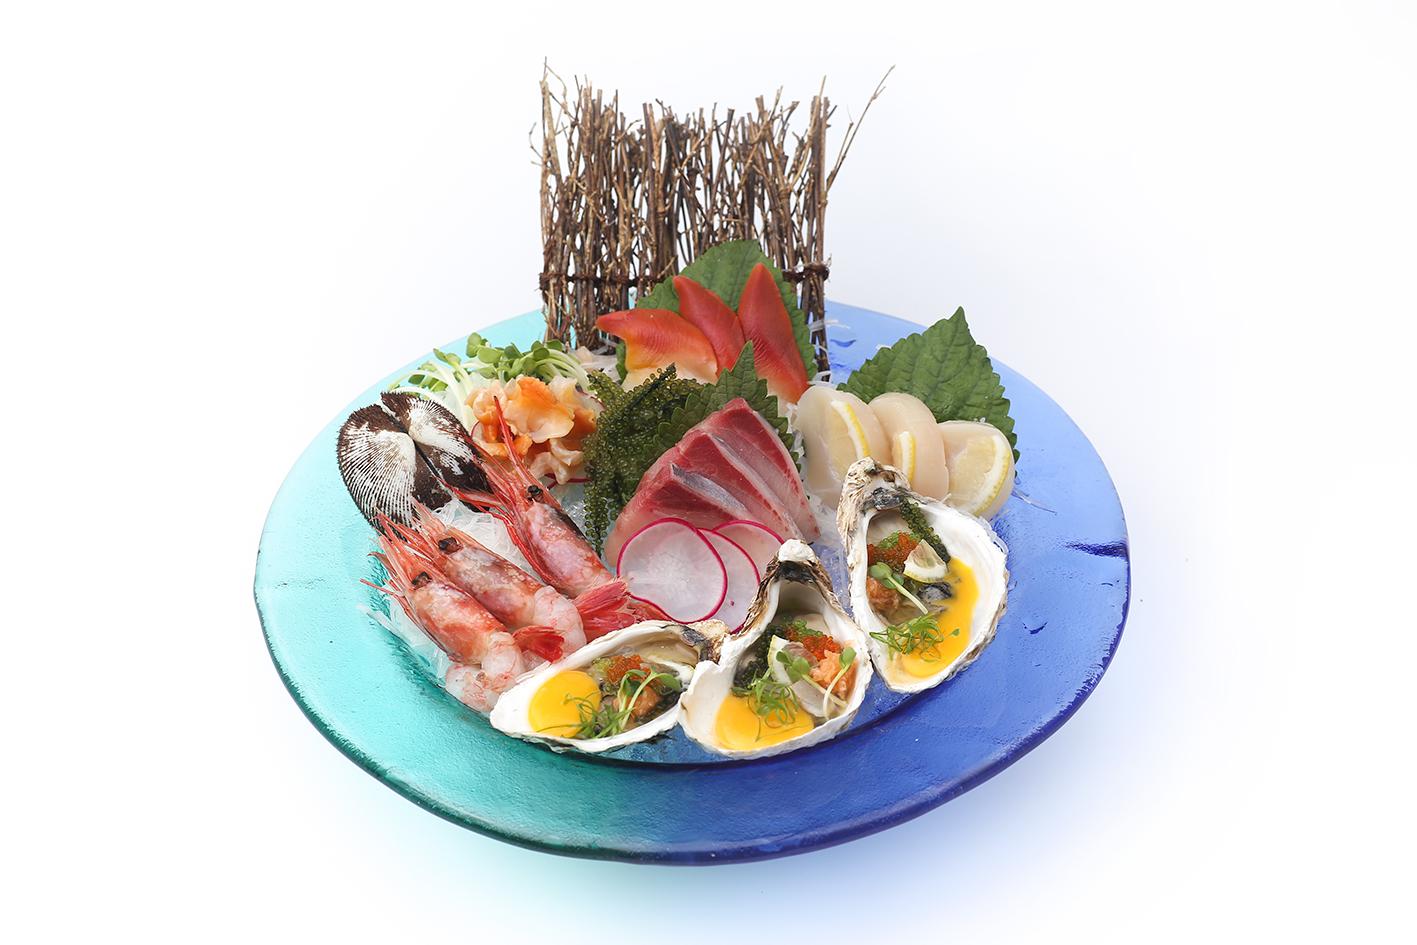 Sashimi Tổng Hợp (6 loại ĐẶC BIỆT)